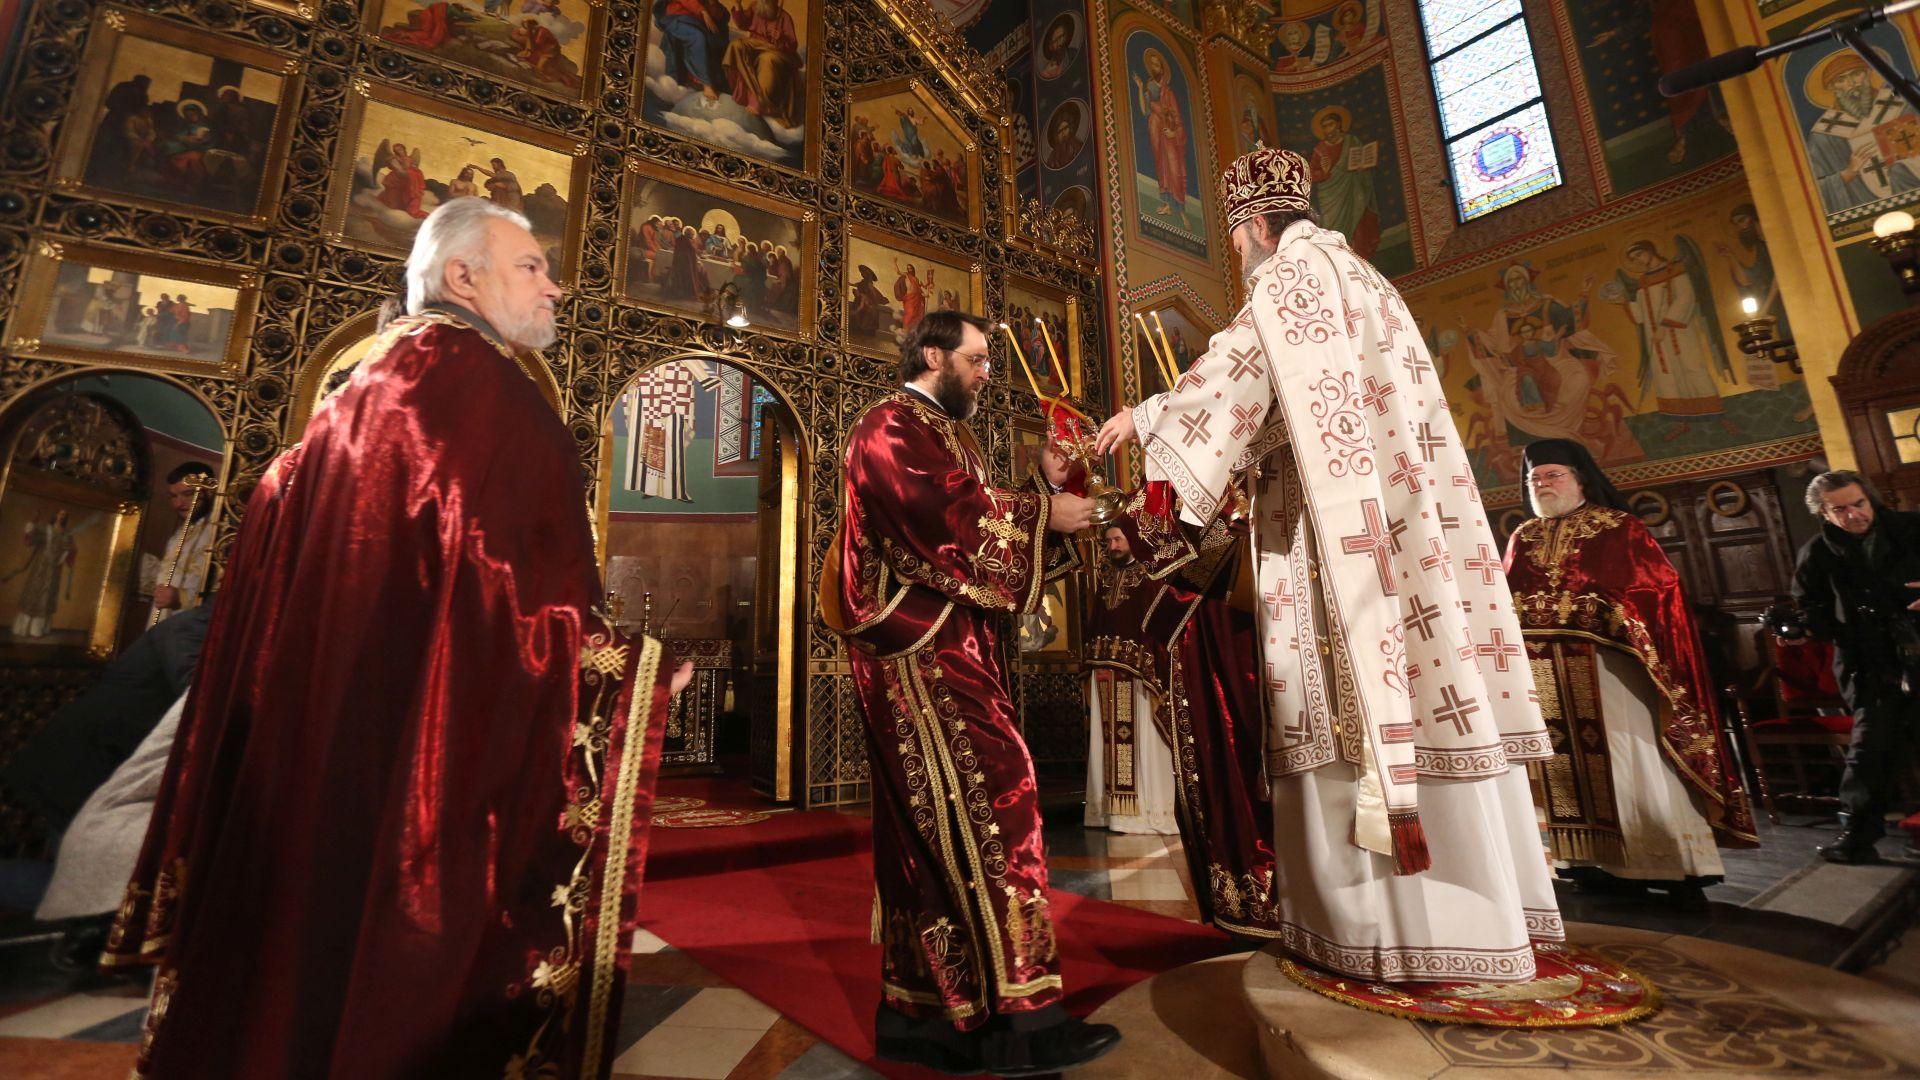 Božić slave pravoslavni vjernici, mitropolit Porfirije predvodio liturgiju u Zagrebu